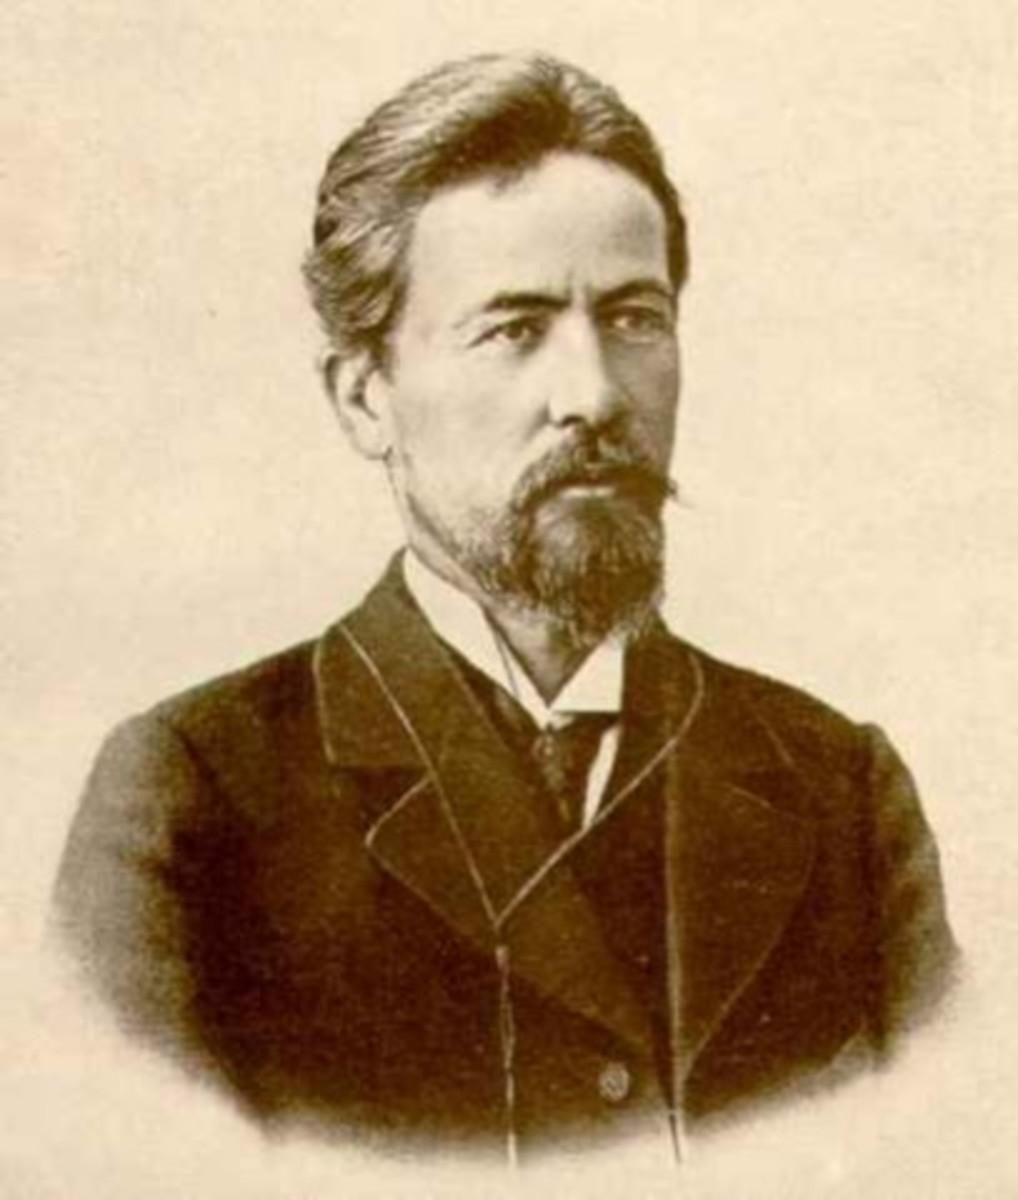 A п чехов фотография